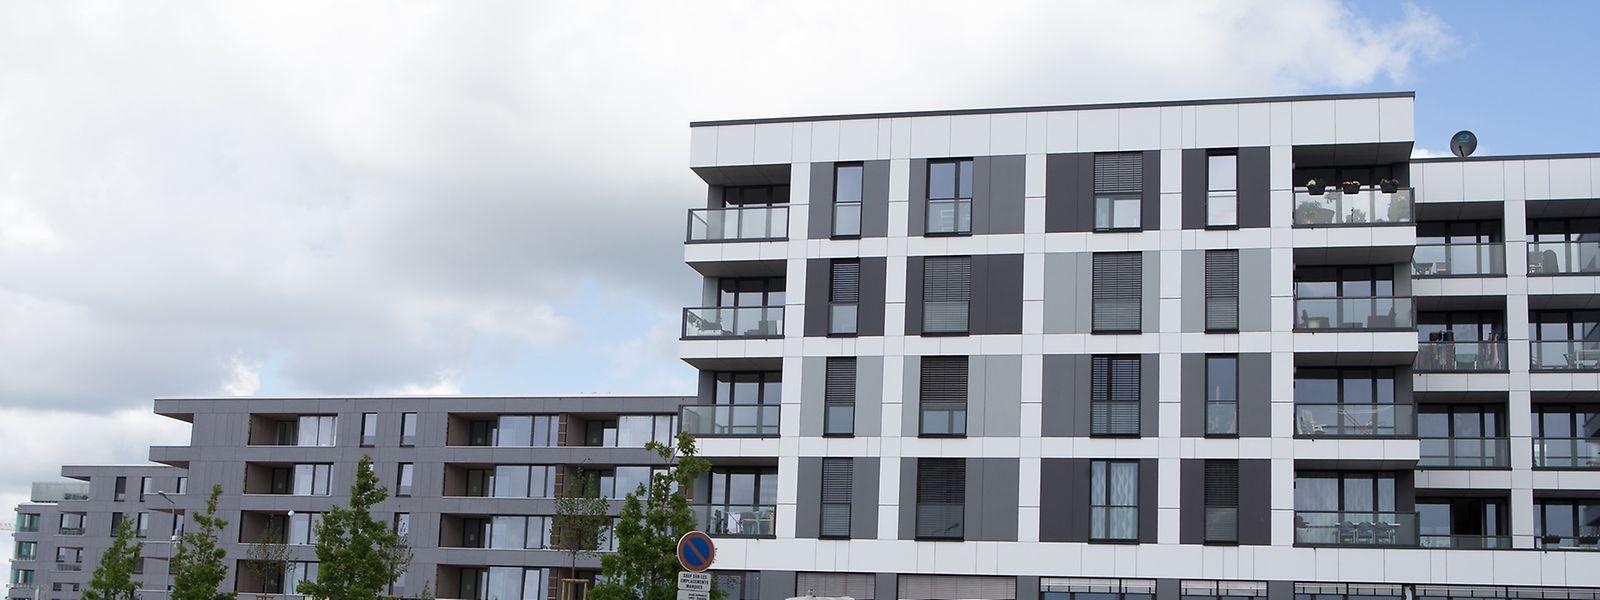 142 Wohneinheiten wurden im Jahr 2014 fertiggestellt. In Kirchberg-Grünewald ist man aktuell in der Endphase: Zwei der fünf Mehrfamilienhäuser sind bereits bewohnt, die drei anderen sind in wenigen Wochen bezugsbereit.